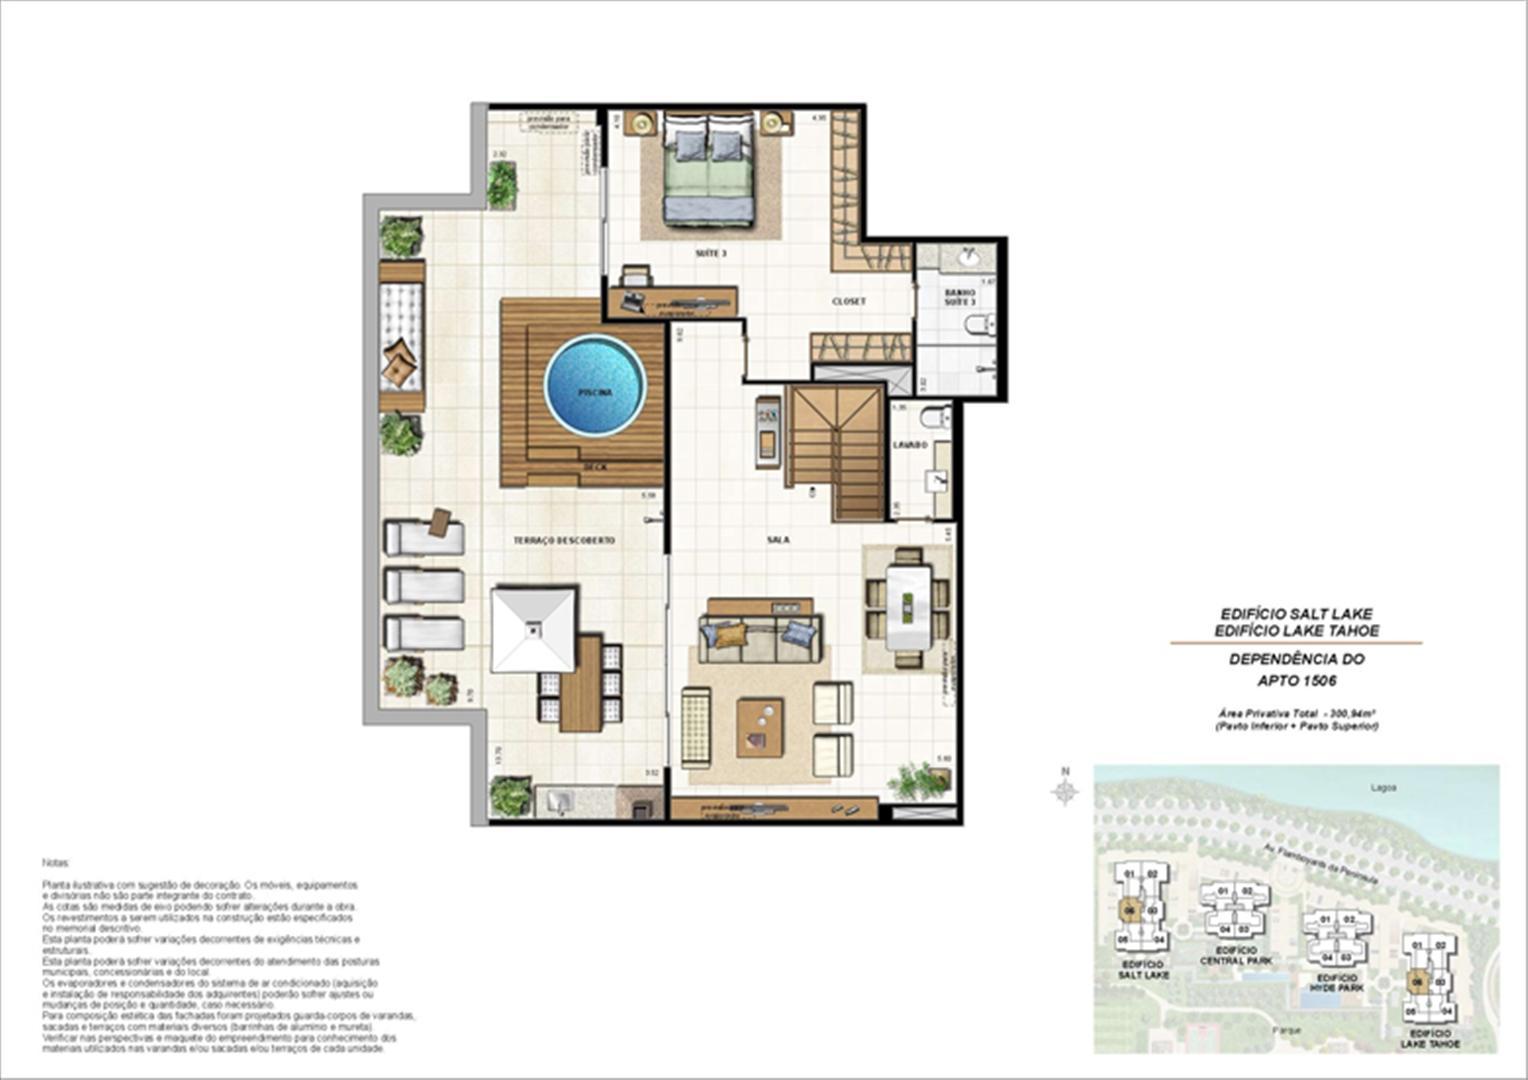 Ed. Salt Lake e Ed. Lake Tahoe - Cob. 300 m² (duplex - pav. superior) | 360º On The Park – Apartamento na  Barra da Tijuca - Rio de Janeiro - Rio de Janeiro